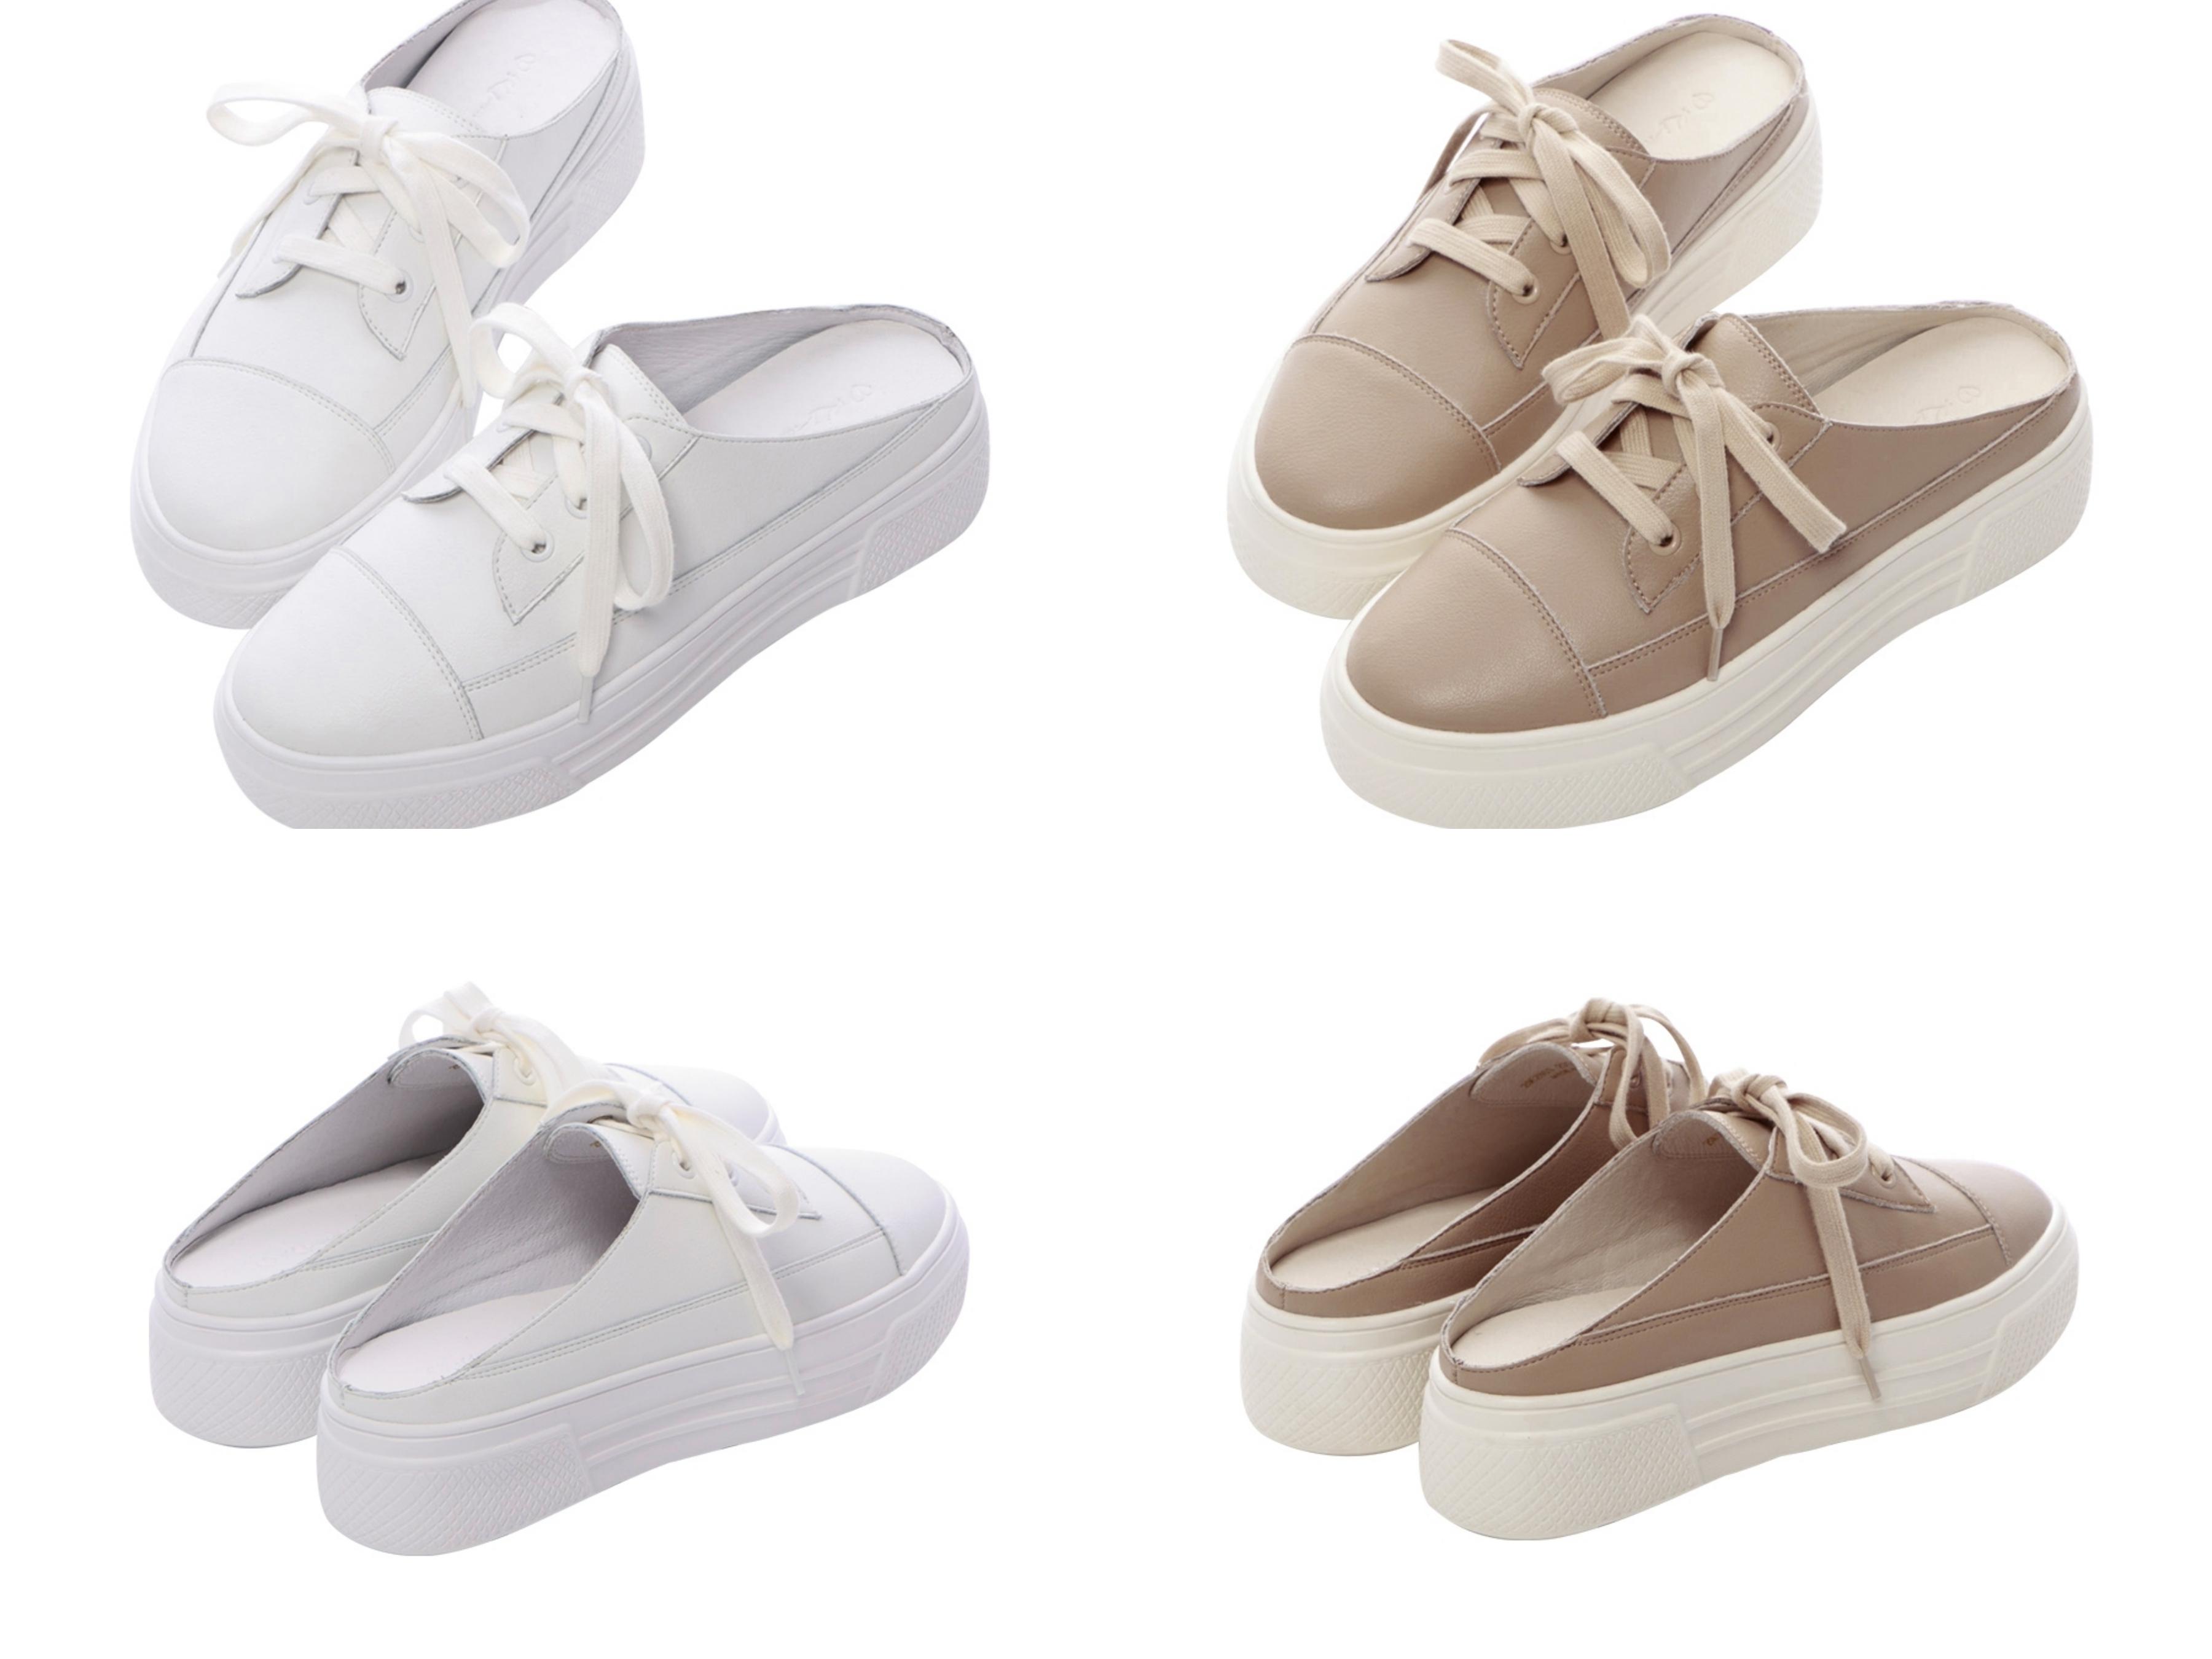 高級全真皮打造經典休閒鞋款,真皮透氣內裡x聯名LOGO腳墊